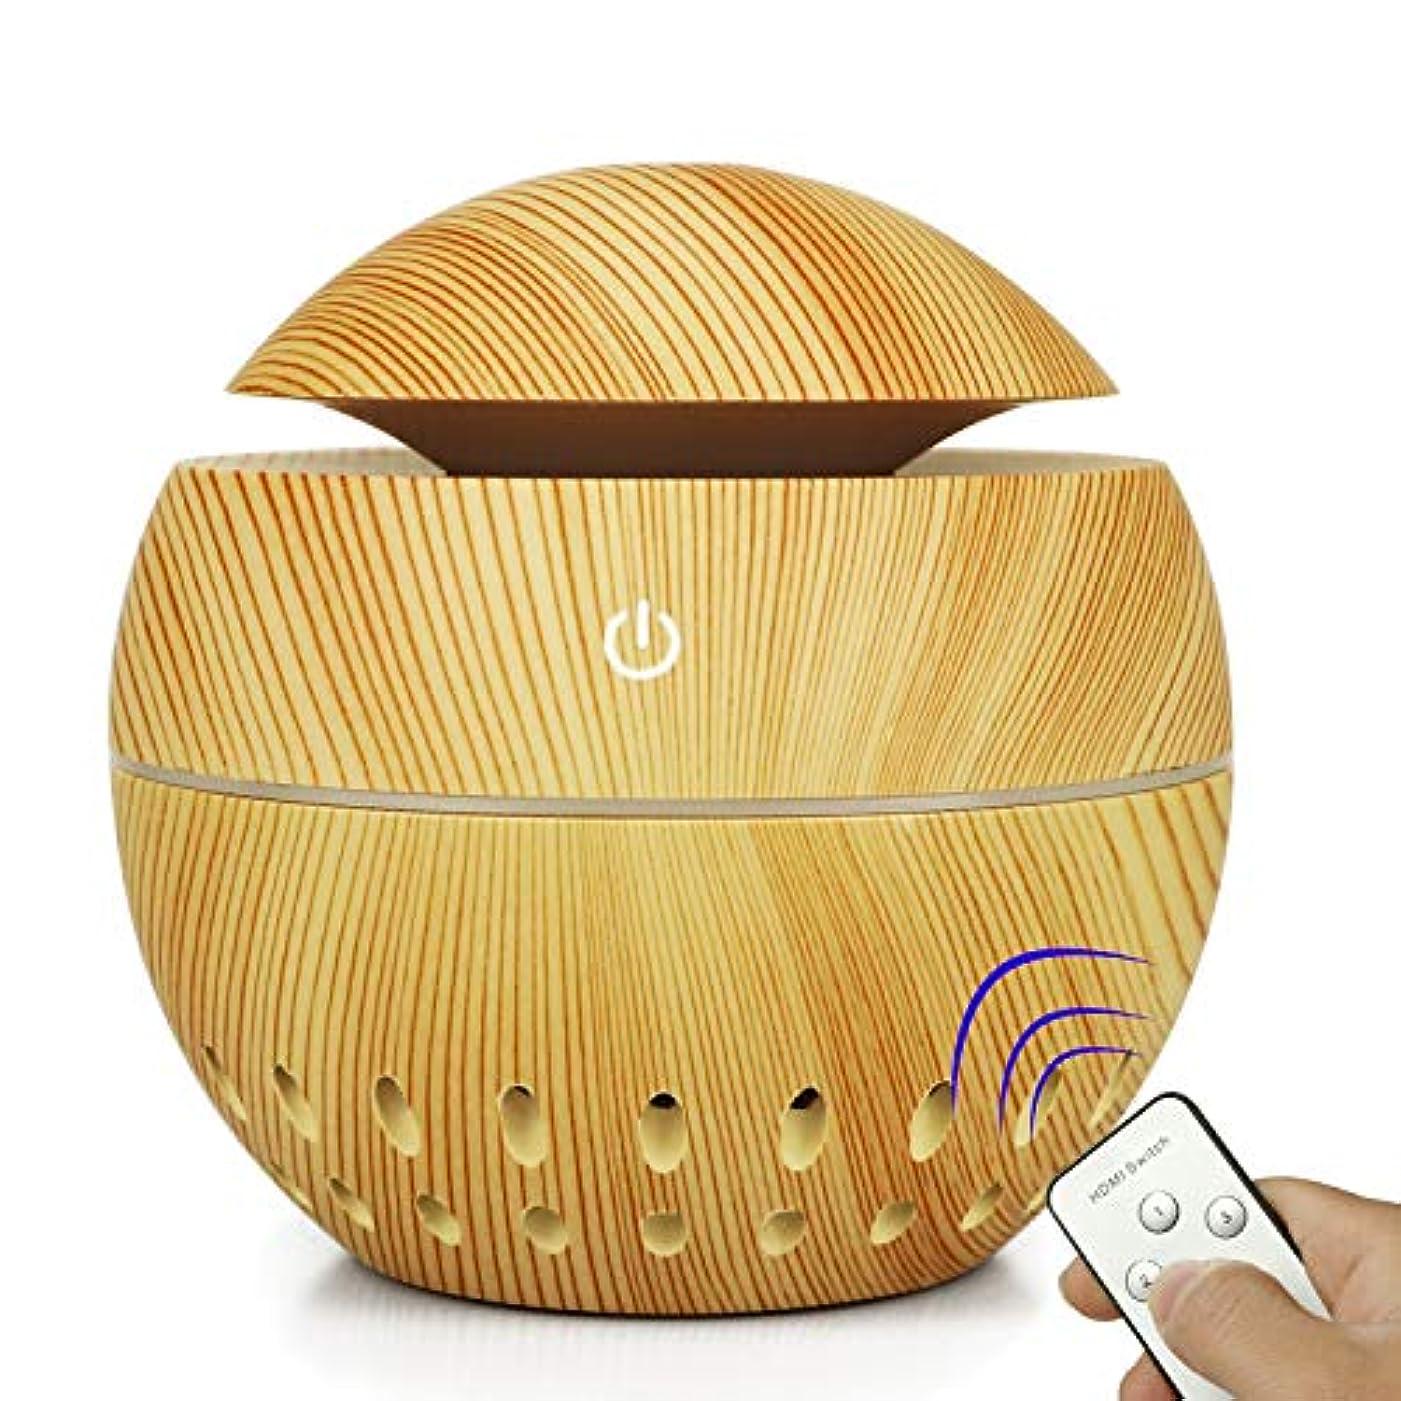 生き物意気消沈した引用加湿器USBウッドグレイン中空加湿器きのこ総本店小型家電 (Color : Brass, Size : 100MM*105MM)